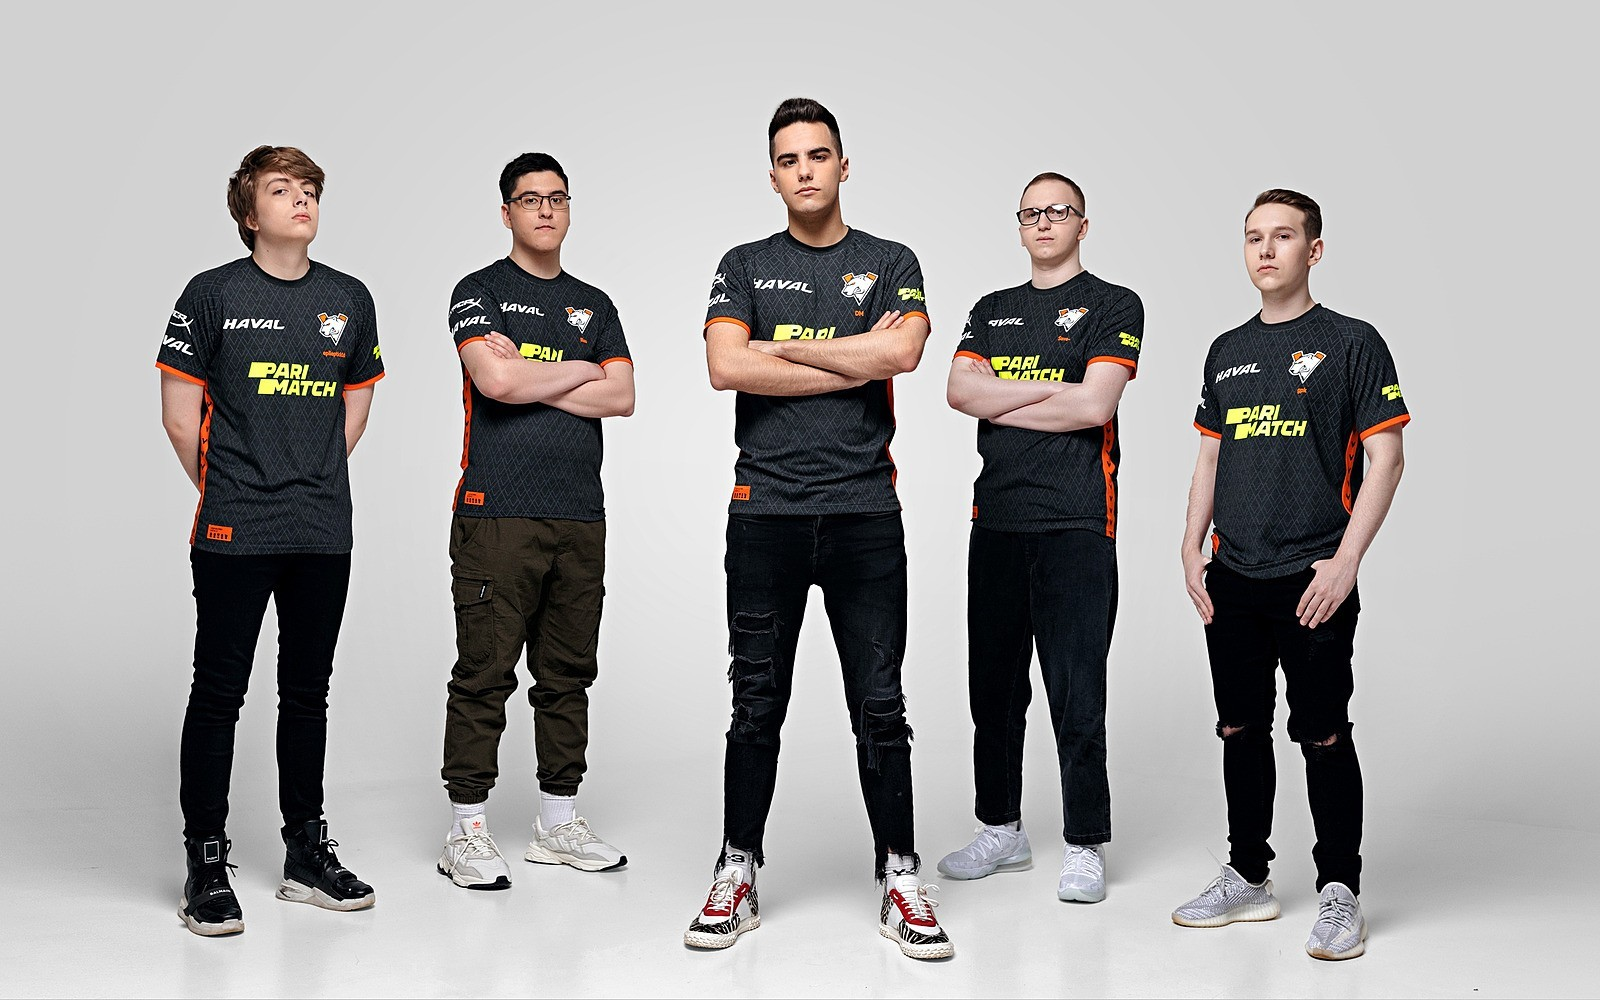 Virtuspro одолела Team Spirit и стала лидером DPCлиги для СНГ